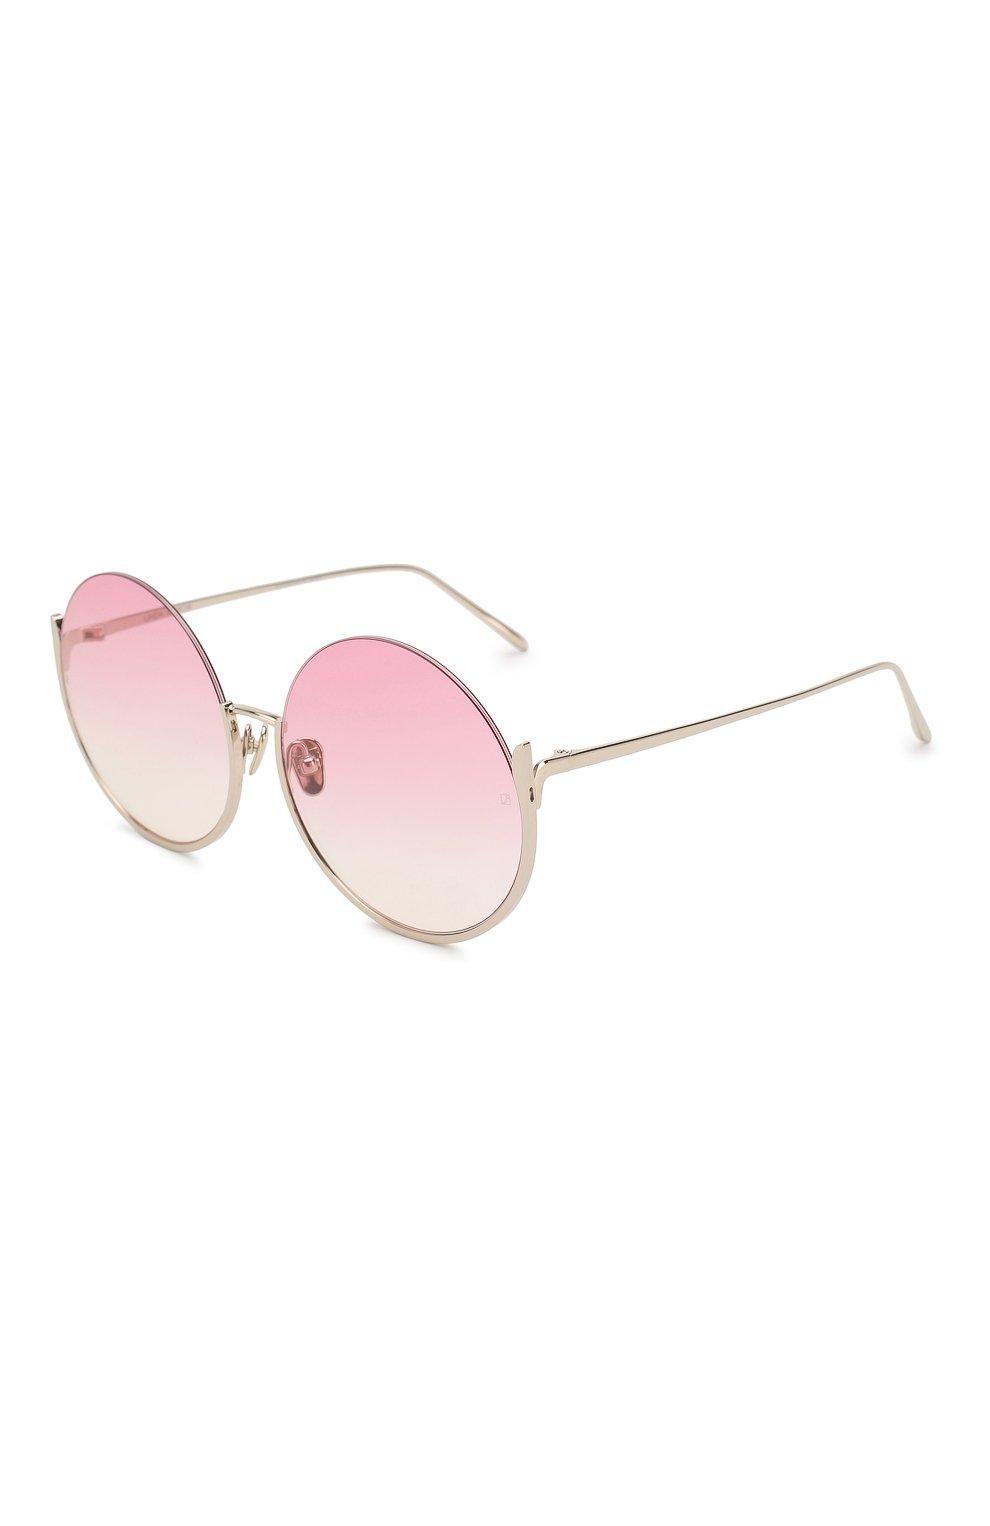 Женские солнцезащитные очки LINDA FARROW розового цвета, арт. LFL1006C4 SUN | Фото 1